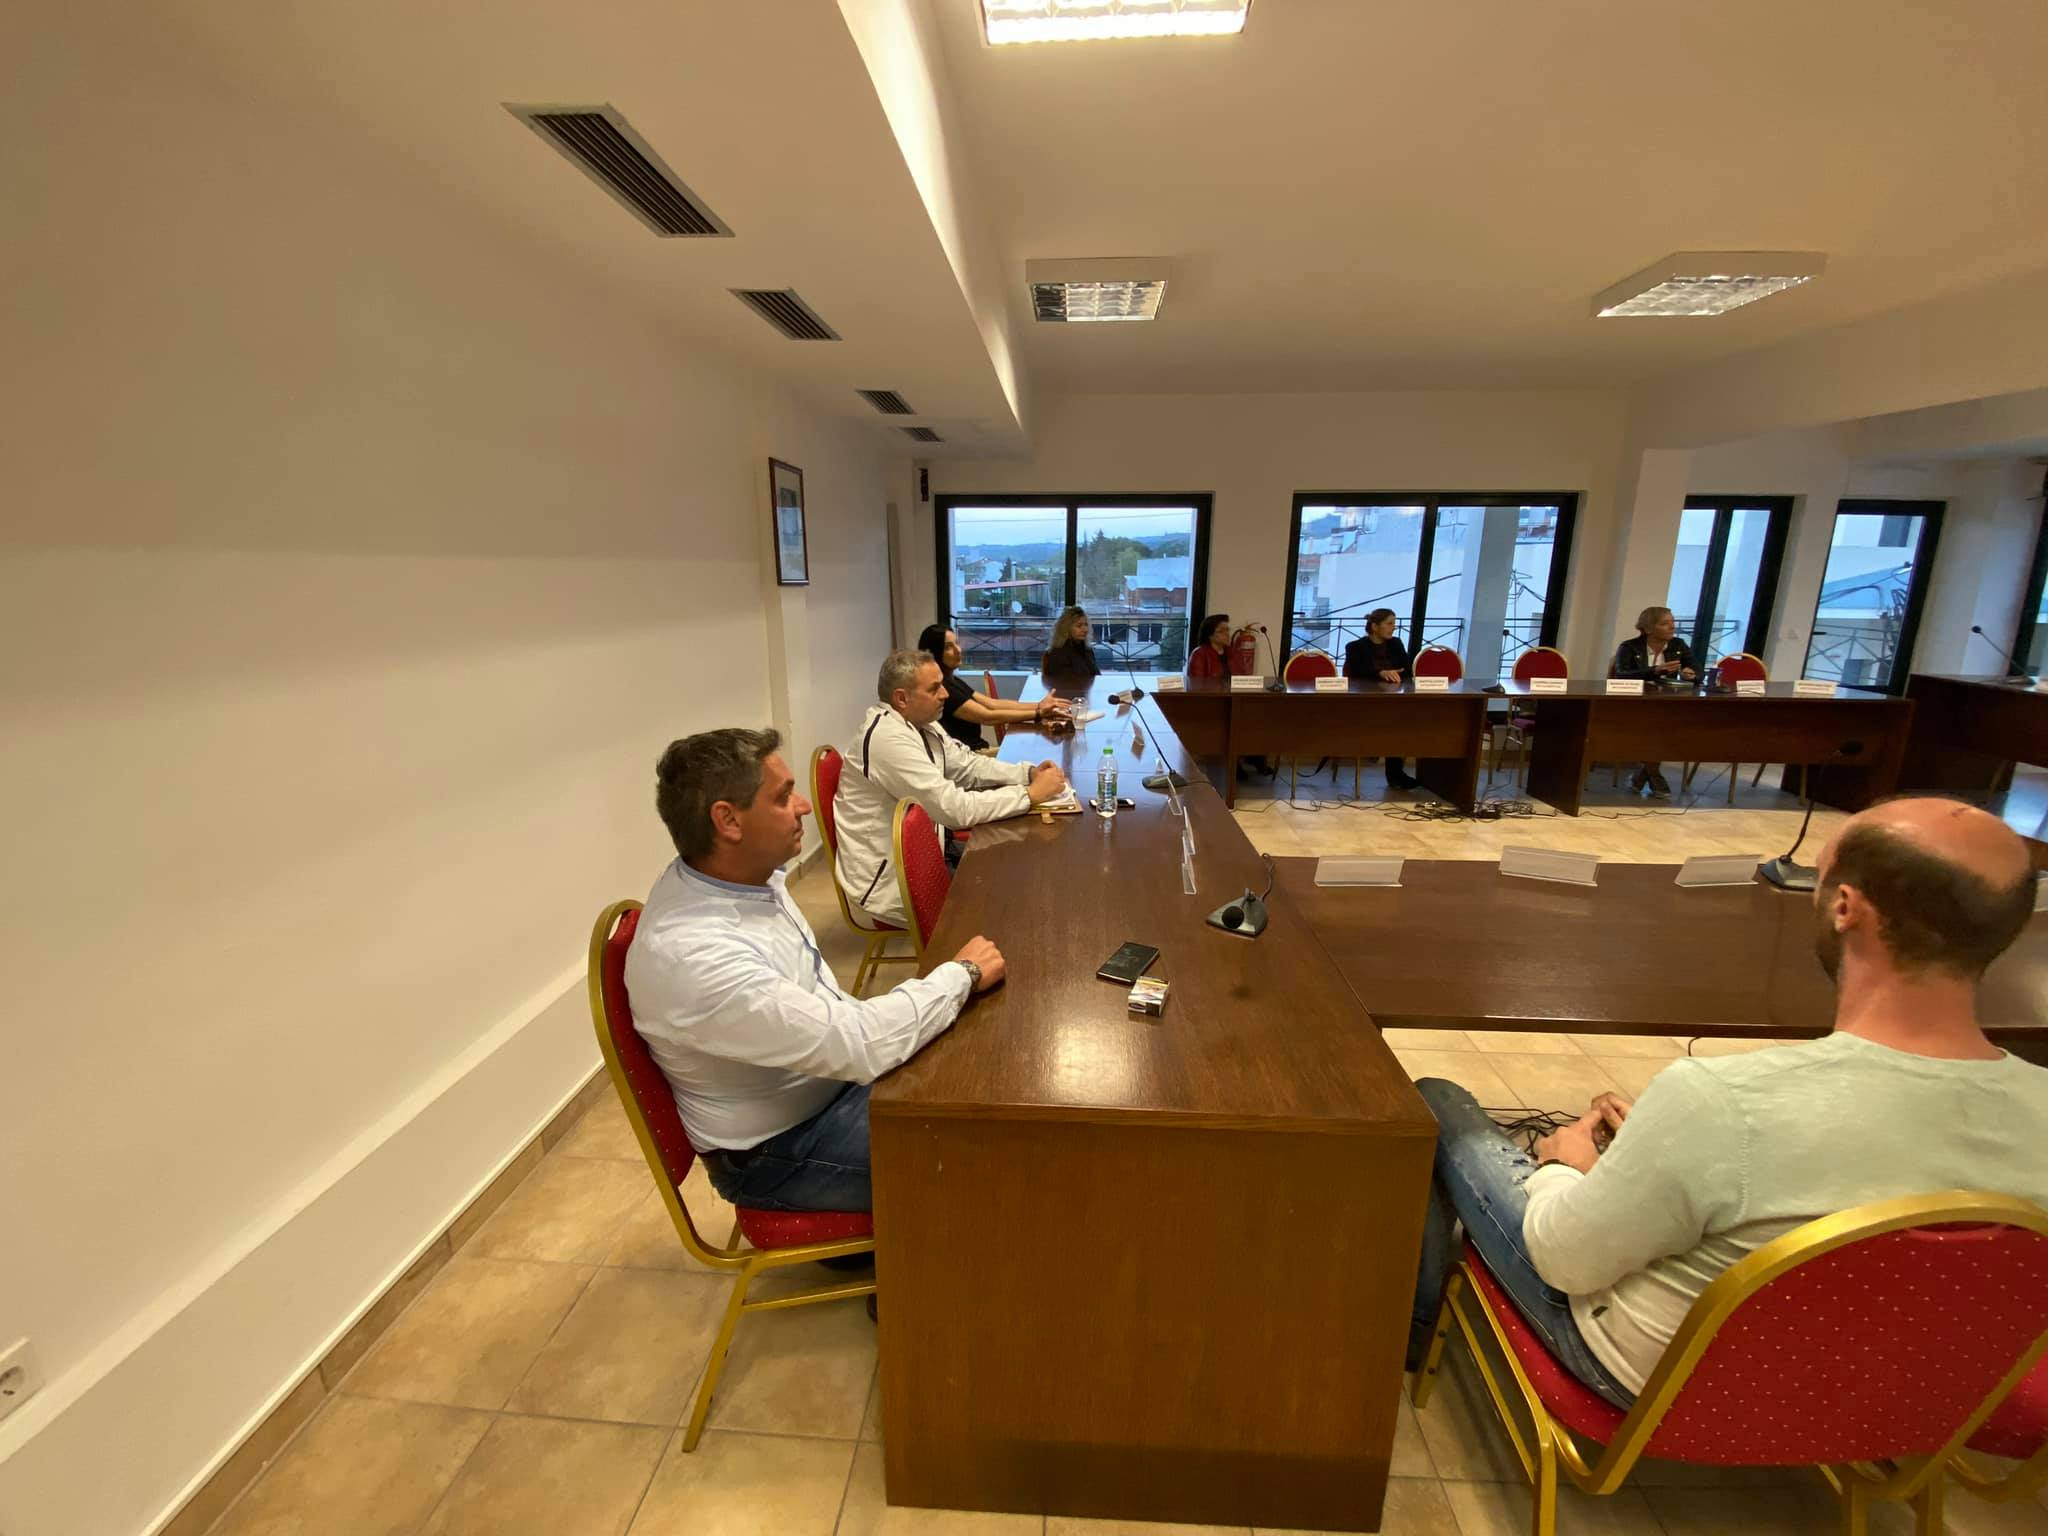 Γιάννης Κοντζιάς, Γιάννης Κοντζιάς: Ο τουρισμός μας πλήττεται…ΜΑΖΙ με τους φορείς του Δήμου μας σχεδιάζουμε την επόμενη μέρα., Eviathema.gr | ΕΥΒΟΙΑ ΝΕΑ - Νέα και ειδήσεις από όλη την Εύβοια